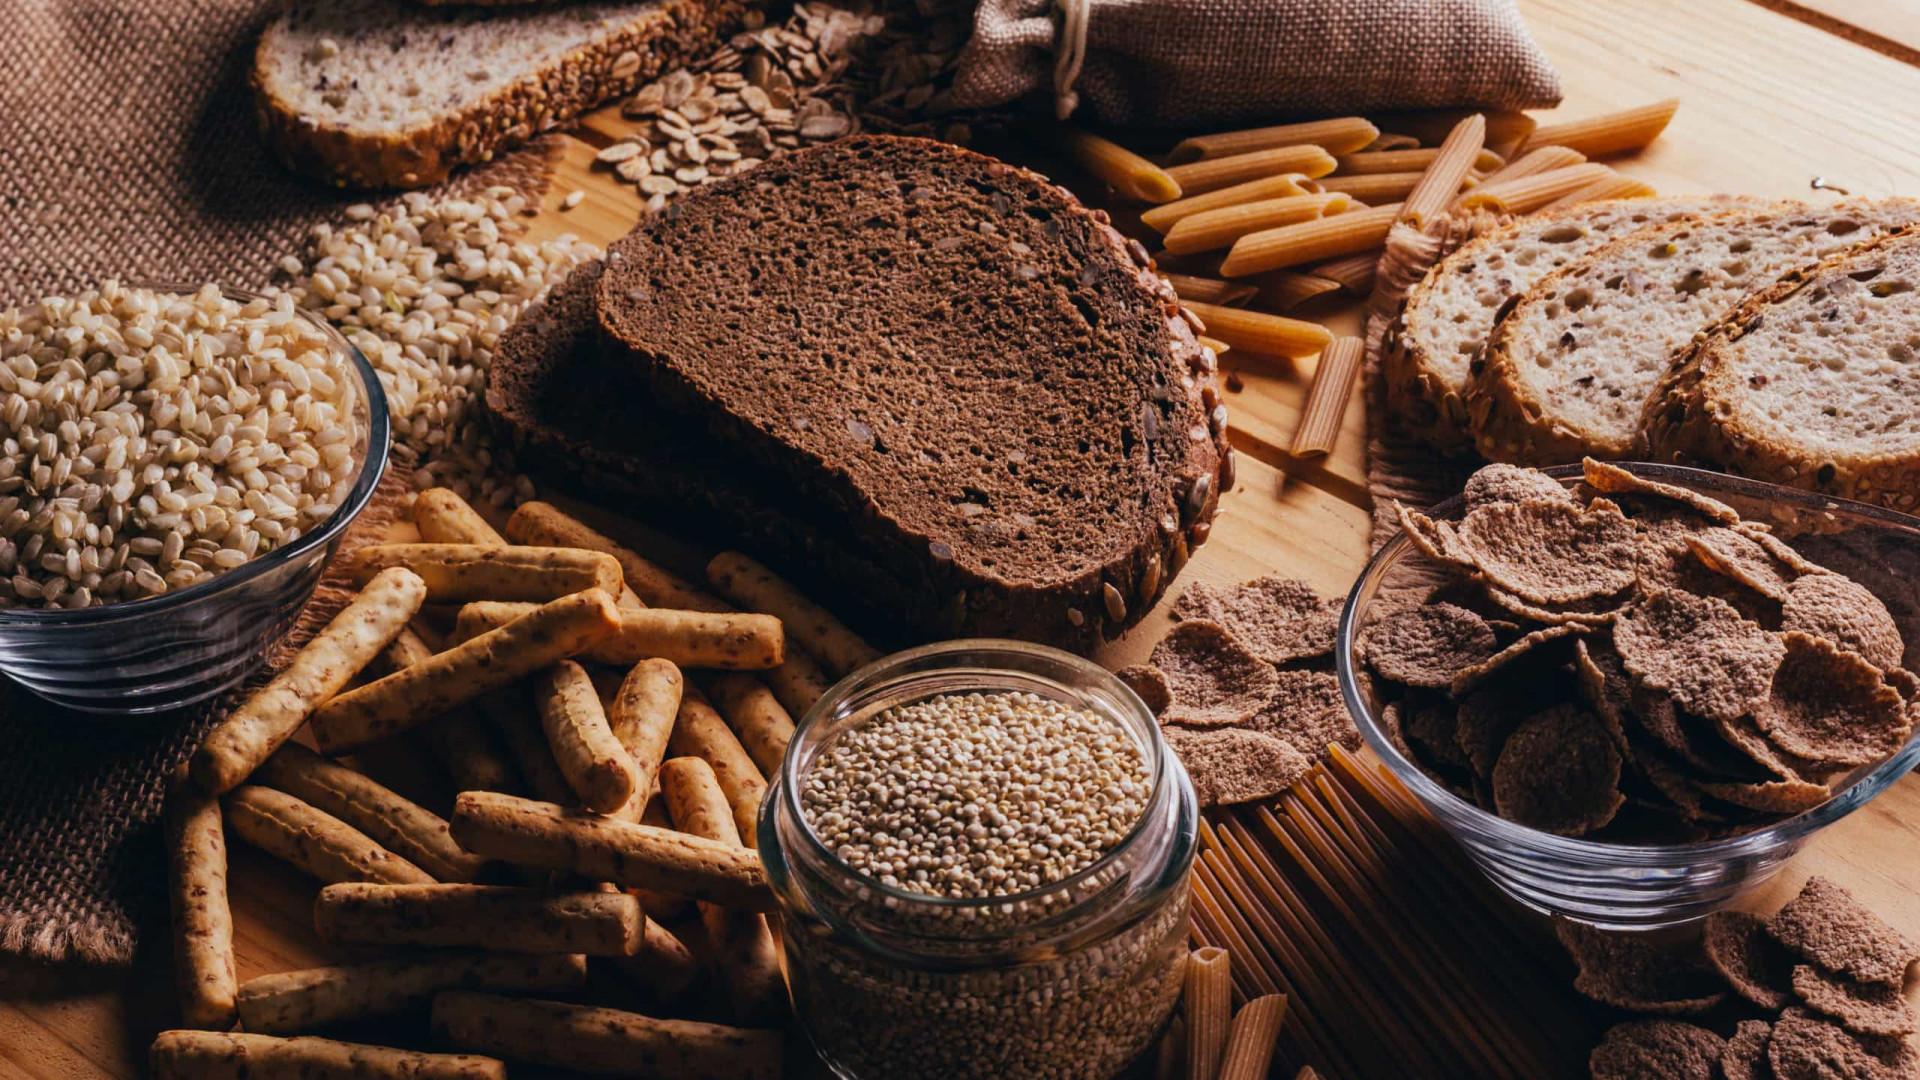 Afinal, os alimentos integrais engordam ou emagrecem?